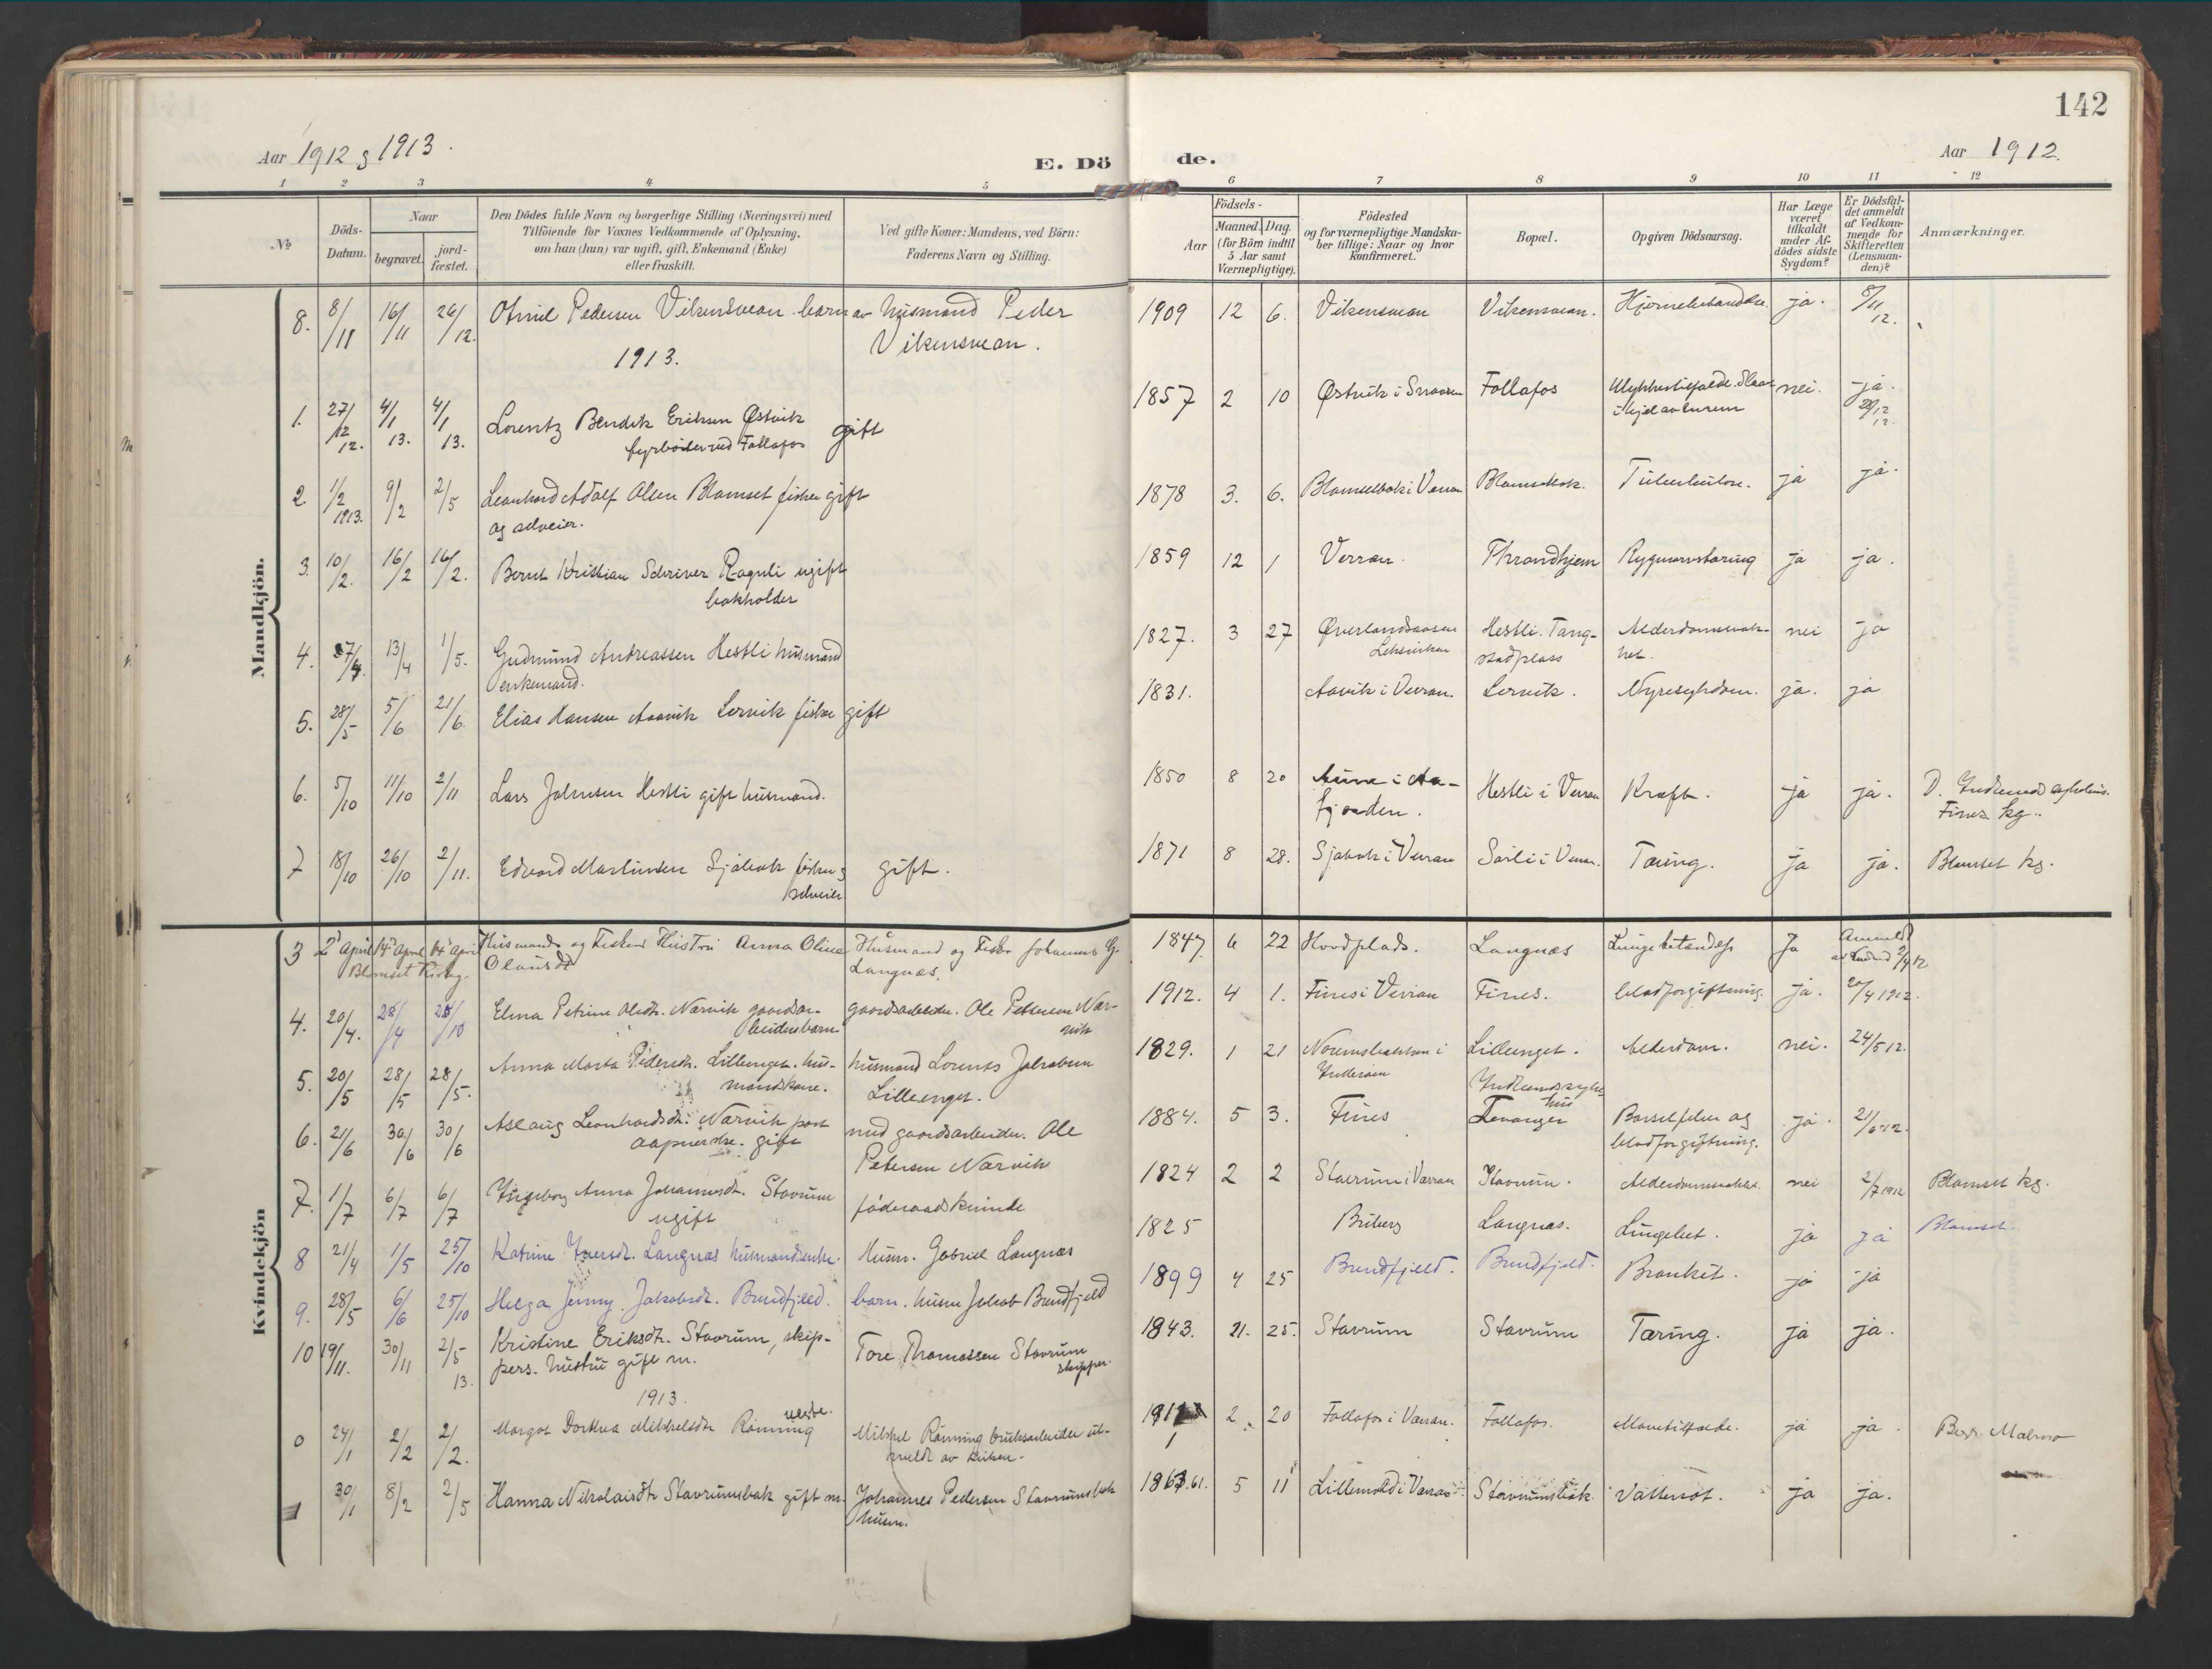 SAT, Ministerialprotokoller, klokkerbøker og fødselsregistre - Nord-Trøndelag, 744/L0421: Ministerialbok nr. 744A05, 1905-1930, s. 142